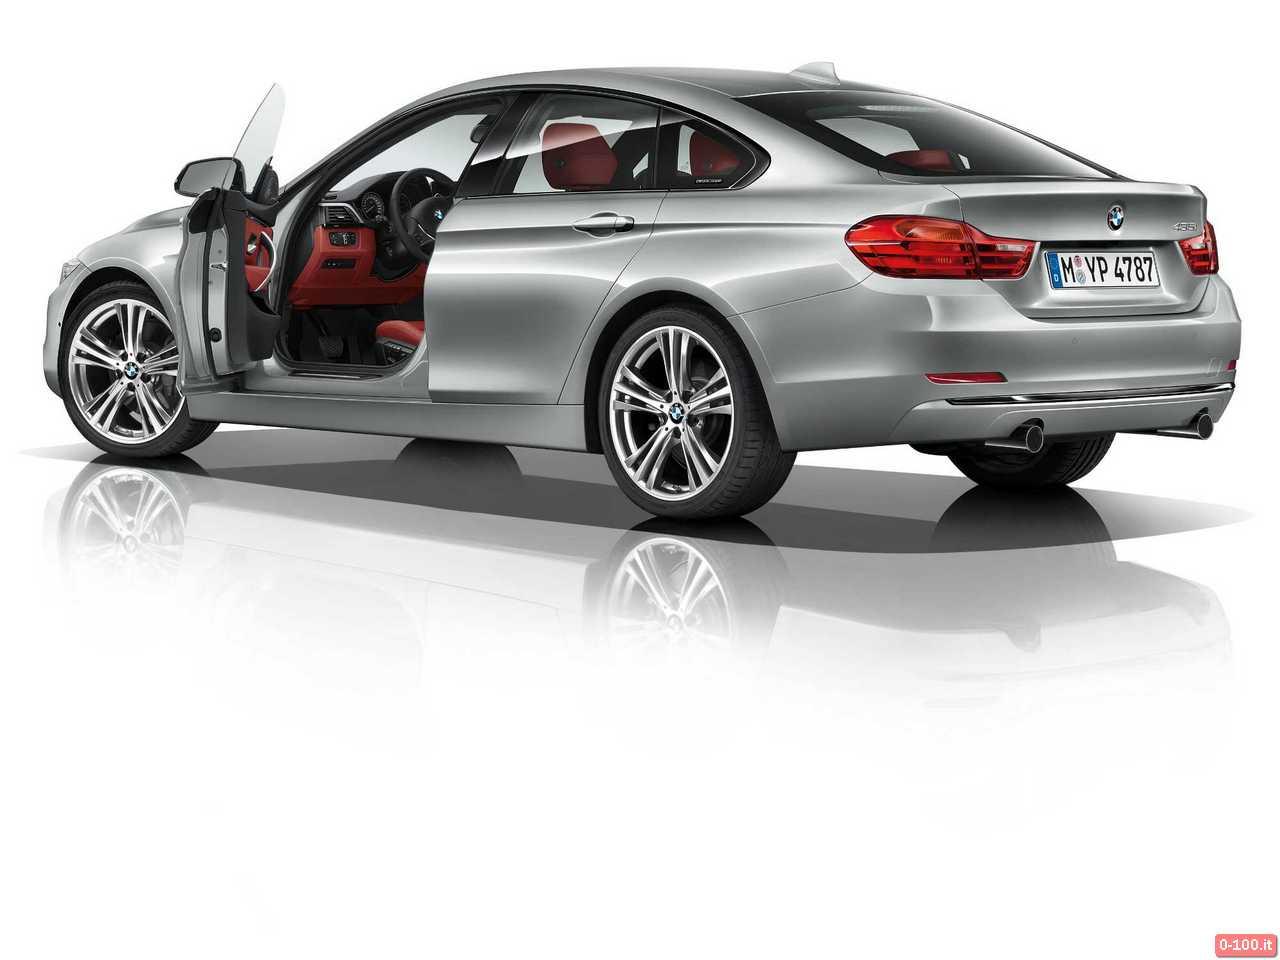 bmw-serie-4-gran-coupe-prezzo-price-ginevra-geneve-2014-0-100_75